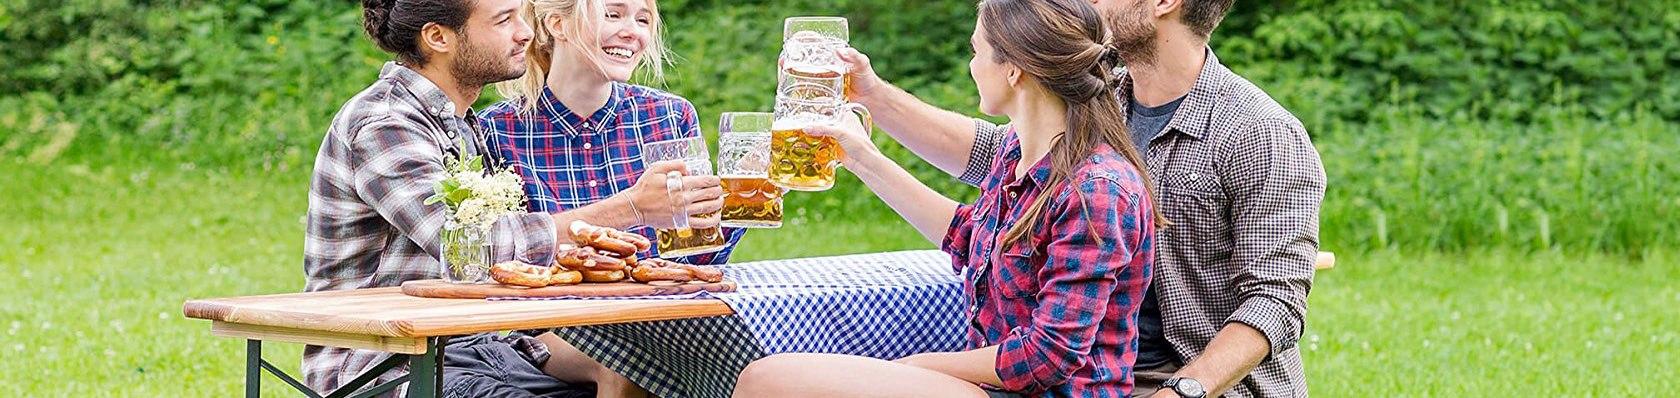 Bierzeltgarnituren im Test auf ExpertenTesten.de